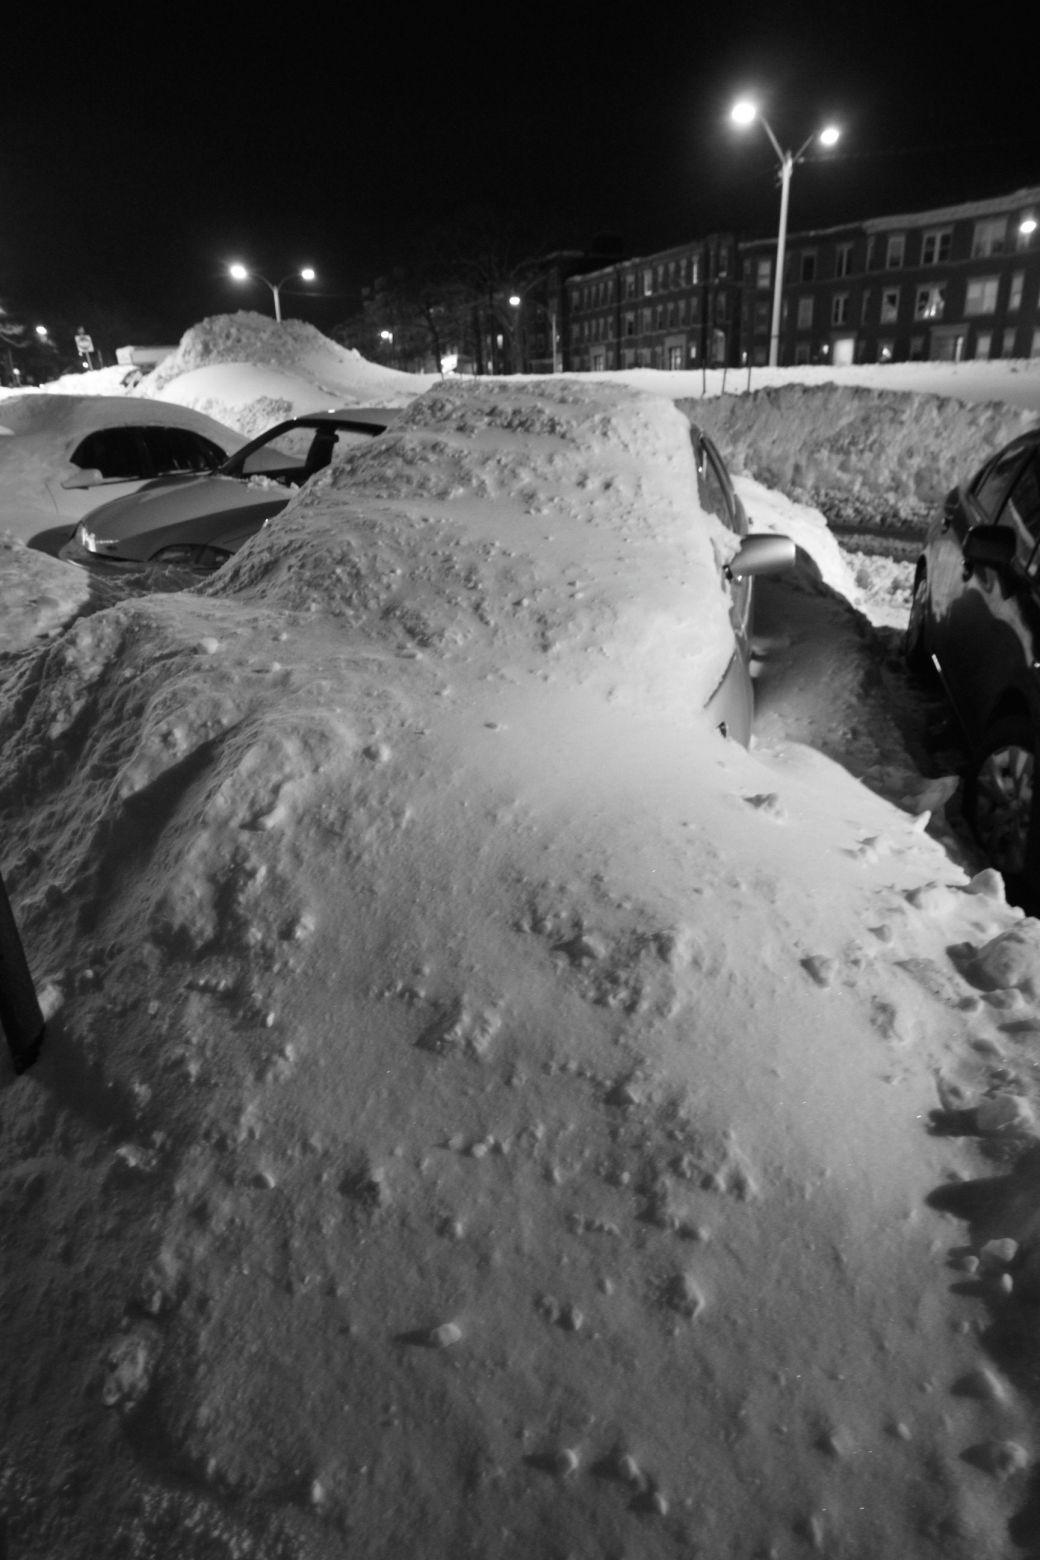 boston allston snow storm february 10 2015 36